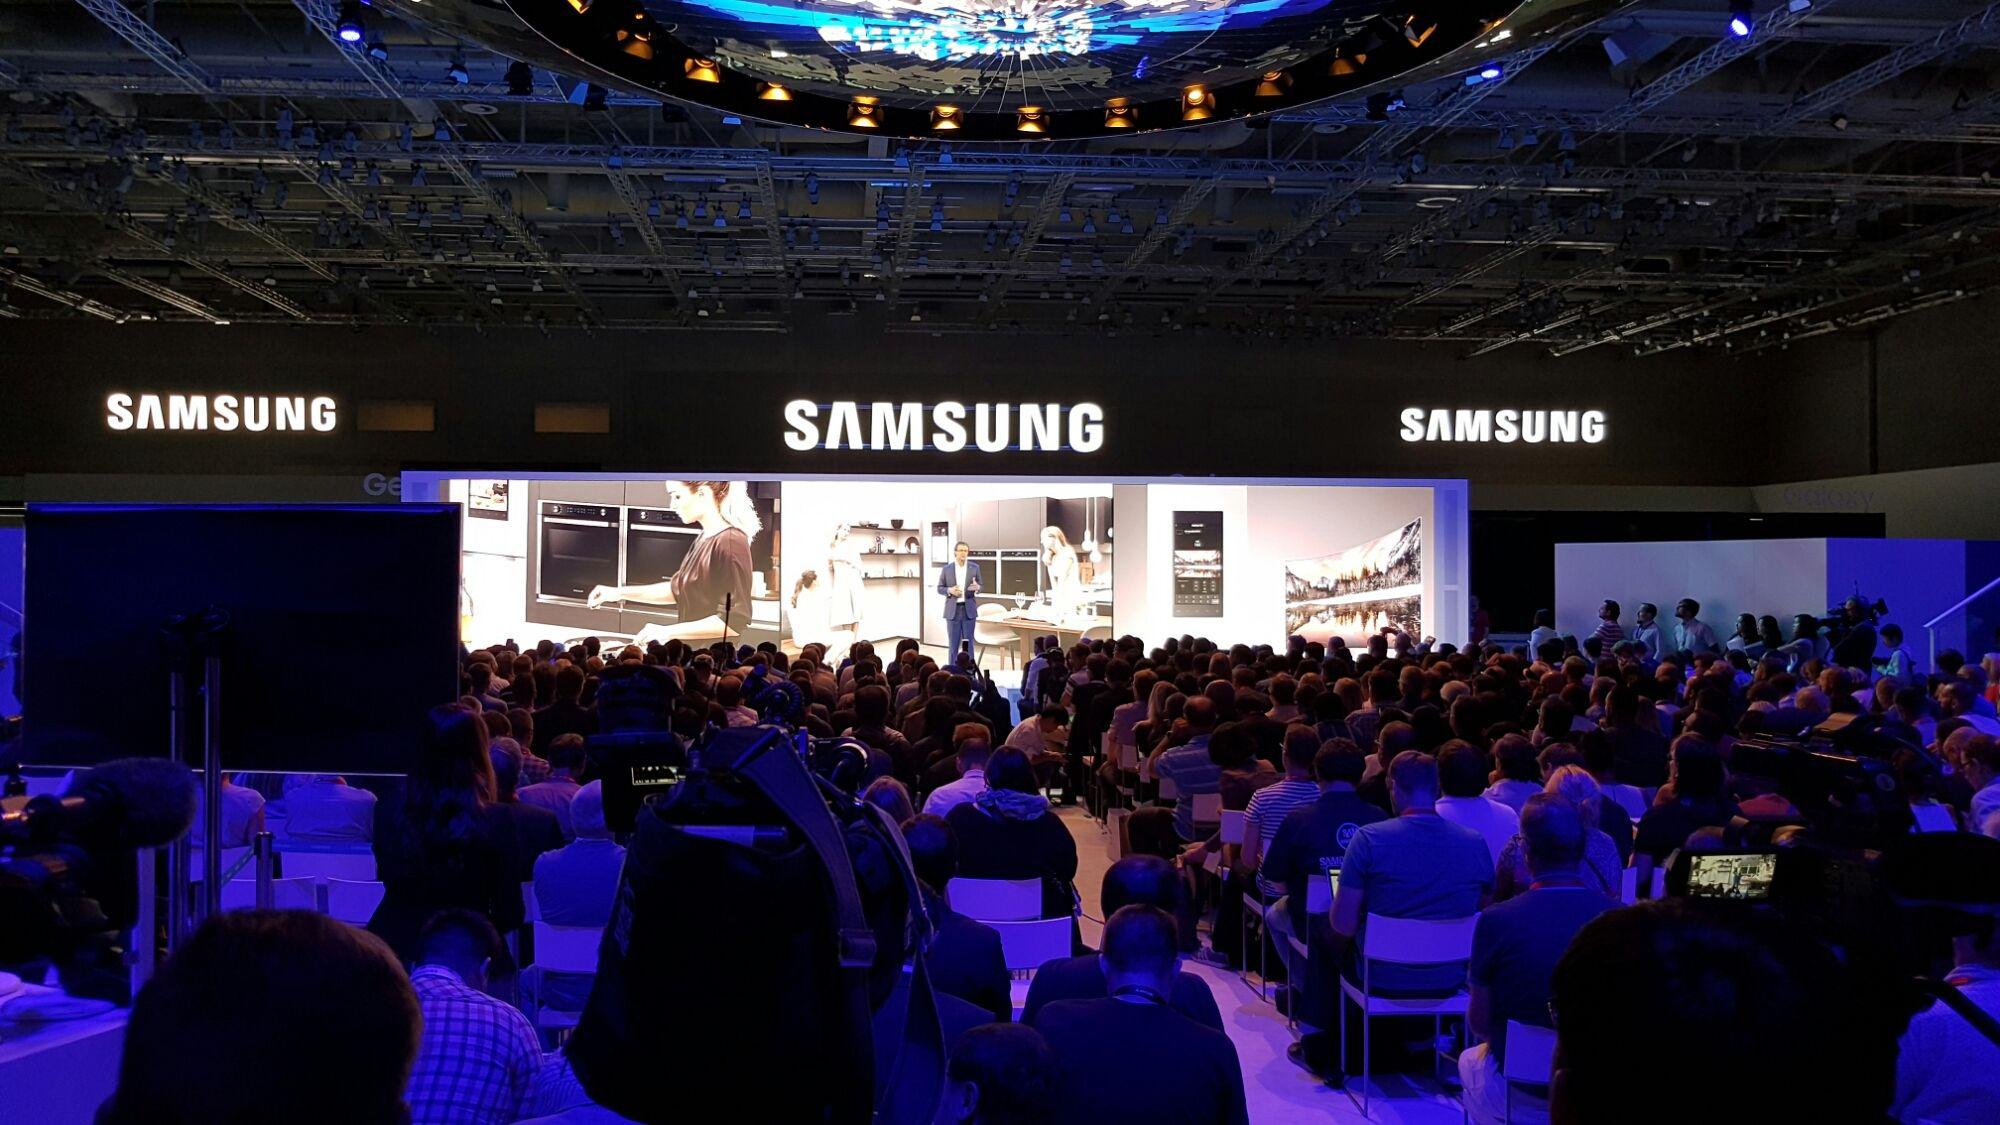 IFA 2016: Samsung mostra o futuro das TVs e dispositivos eletrônicos - http://www.showmetech.com.br/ifa-2016-samsung-mostra-o-futuro-das-tvs-e-dispositivos-eletronicos/